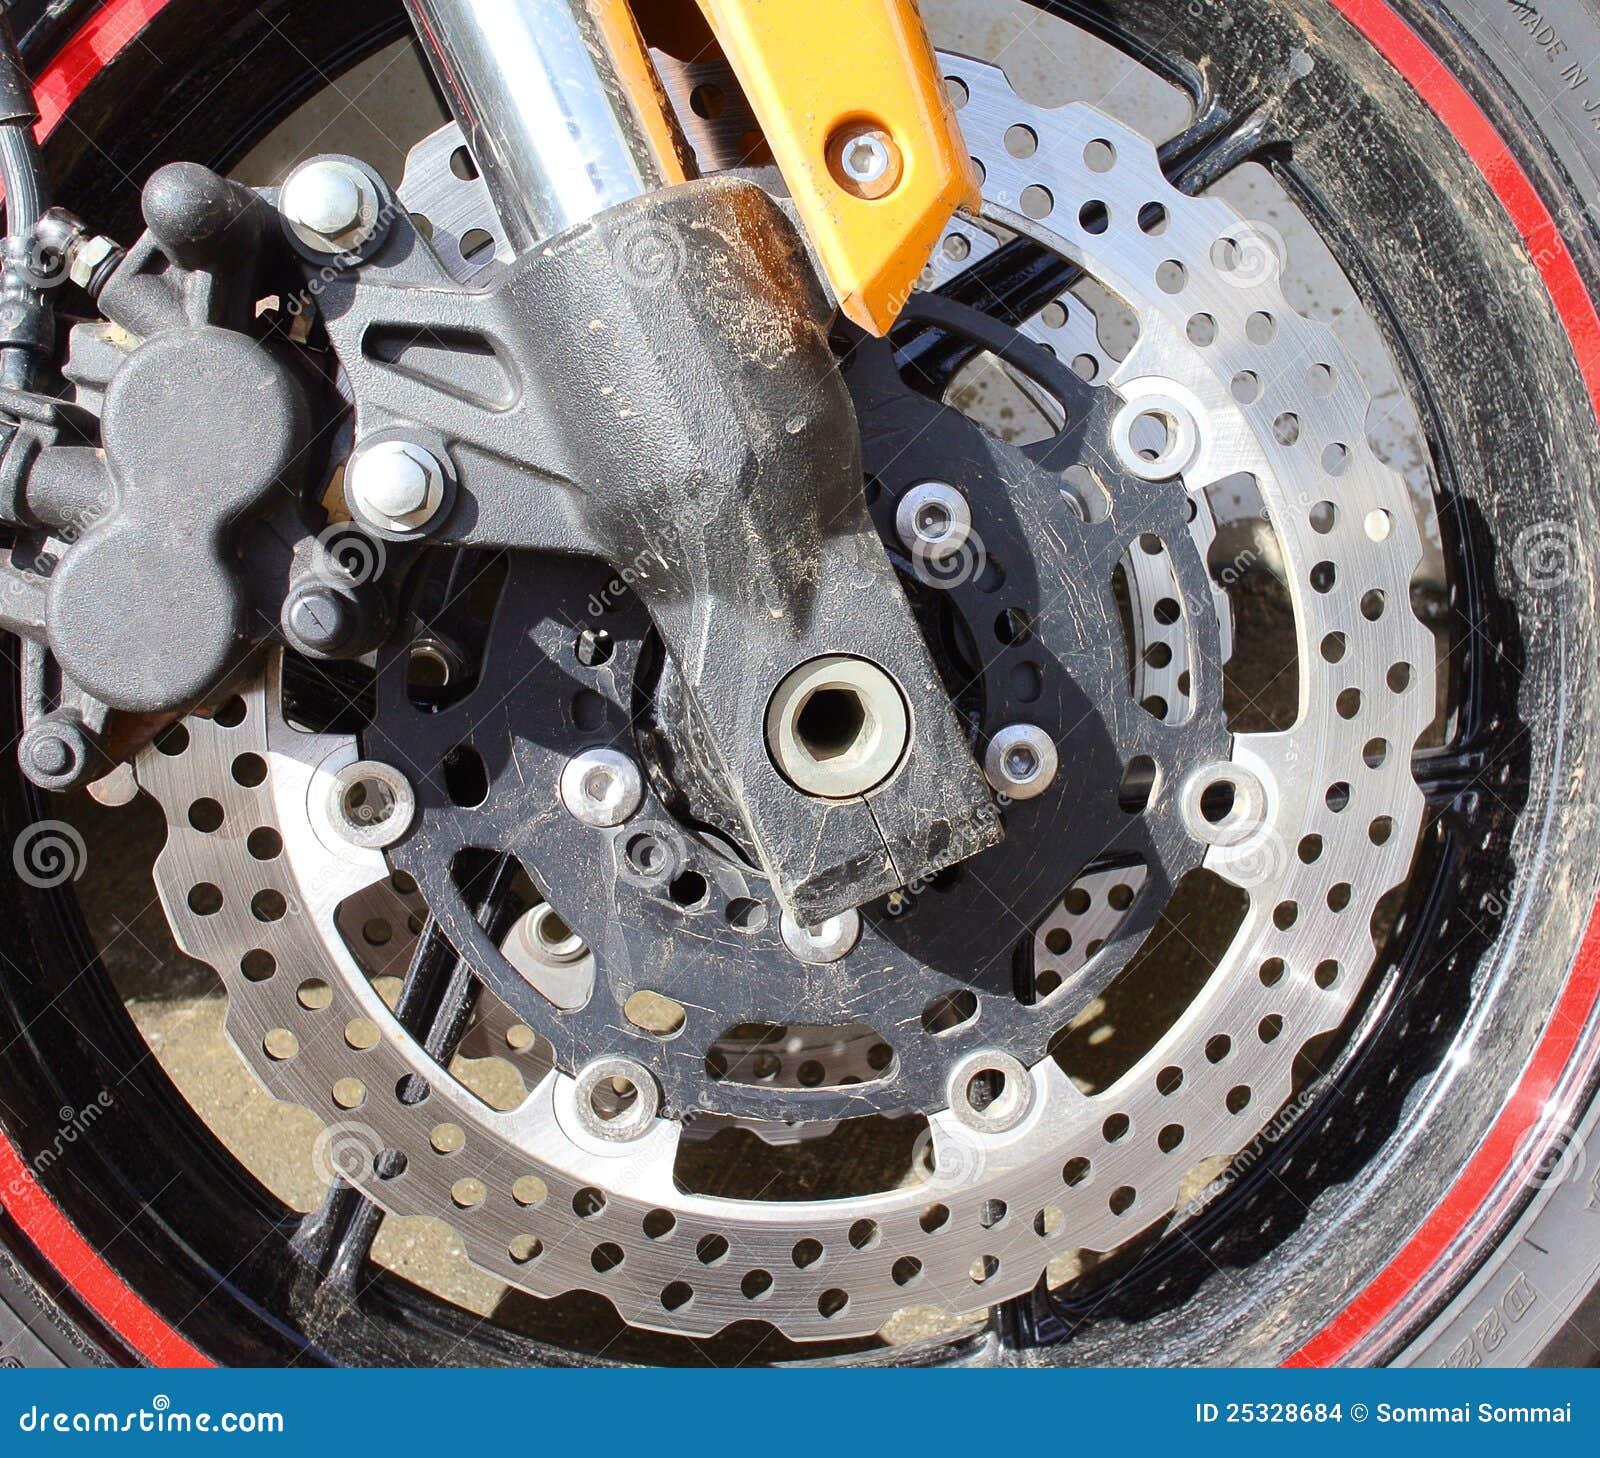 Freio de disco do motor do velomotor